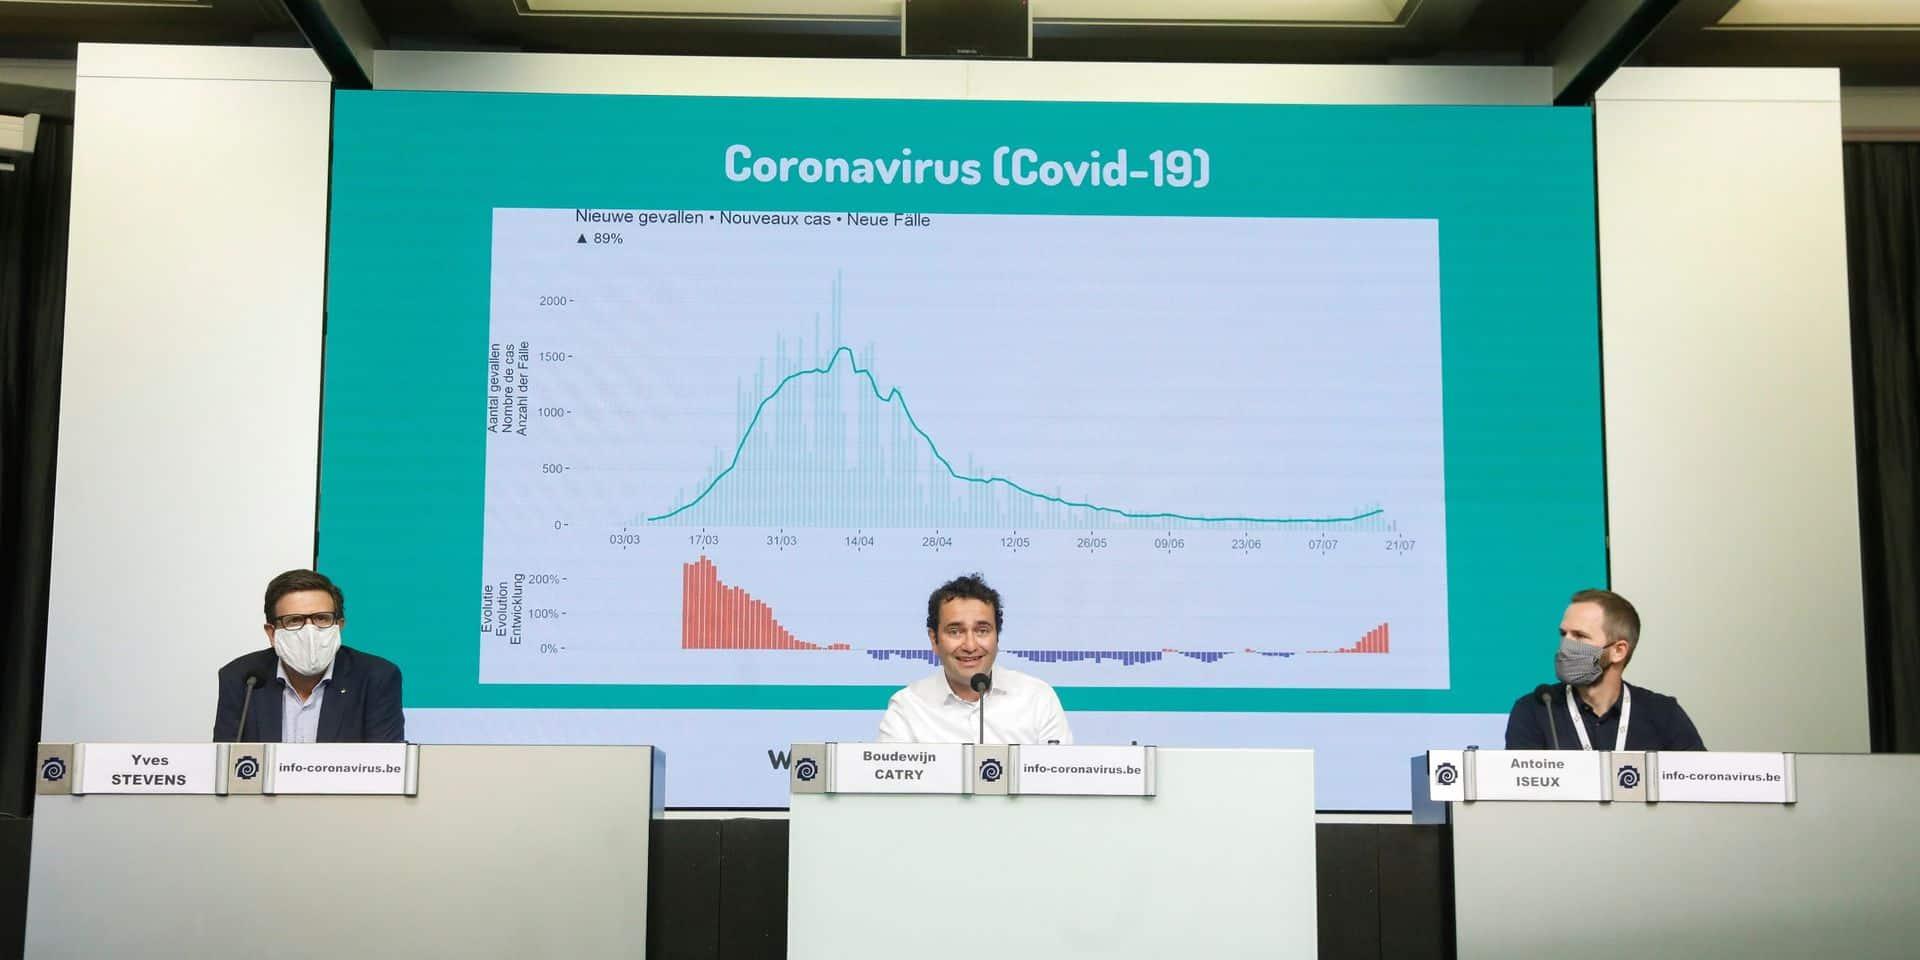 Bulles, chiffres qui vont continuer à augmenter, jeunes touchés: les experts font le point sur la situation épidémiologique en Belgique